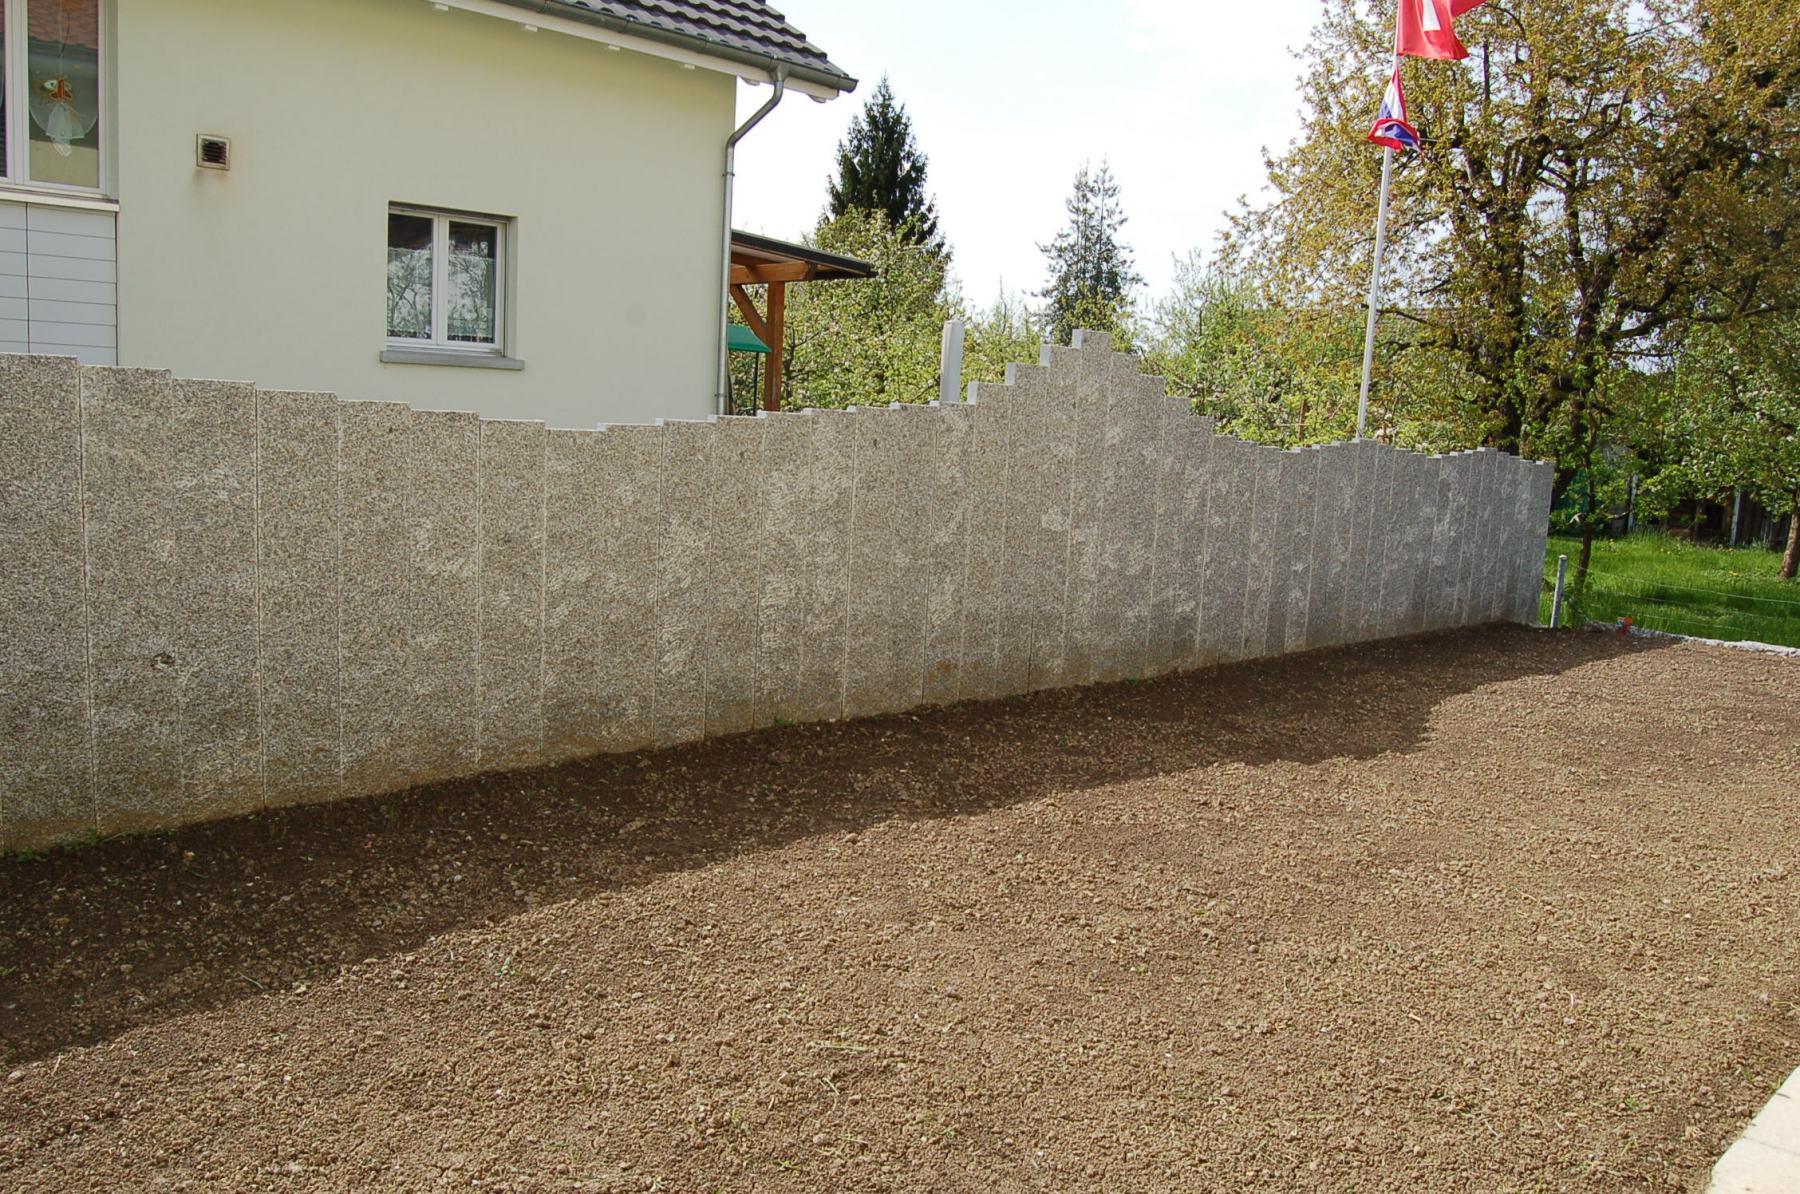 DSC_0679_Stehlen_Palisaden_Iragna_Sichtschutzmauer